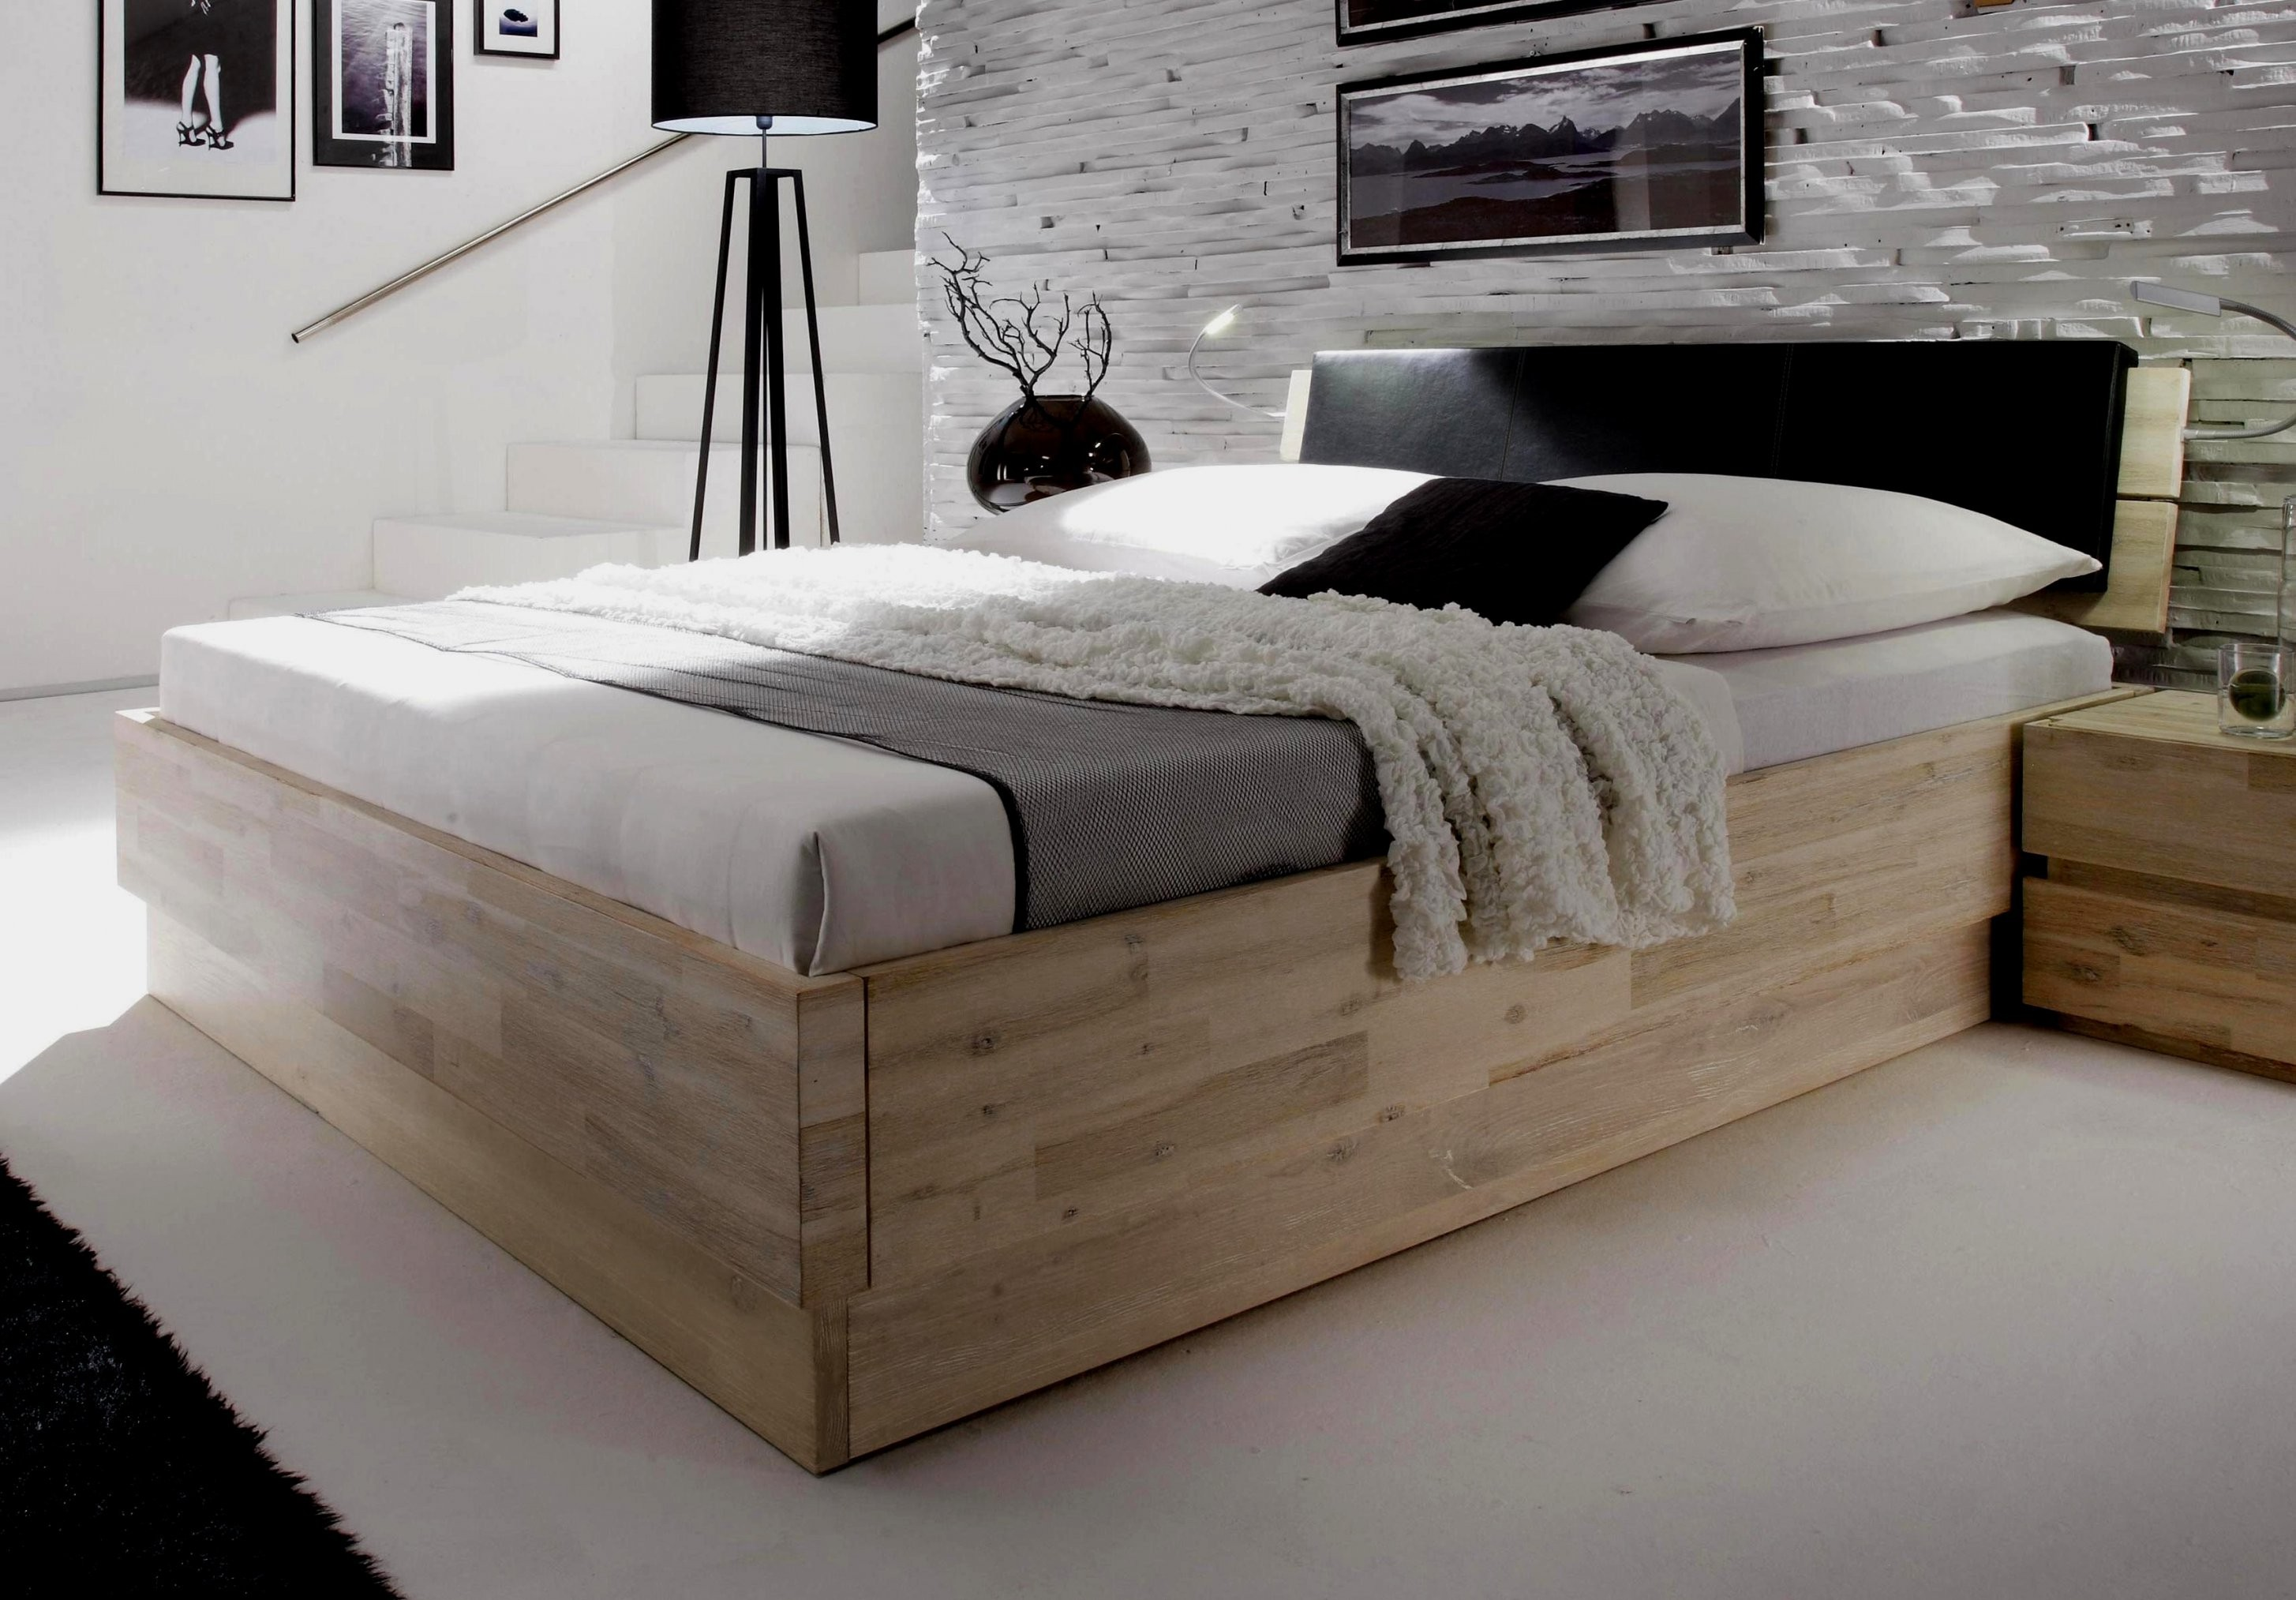 Cool Bett 200X200 Gebraucht Schon Bettgestelle Boxspring Holzbalken von Bett 200X200 Gebraucht Photo